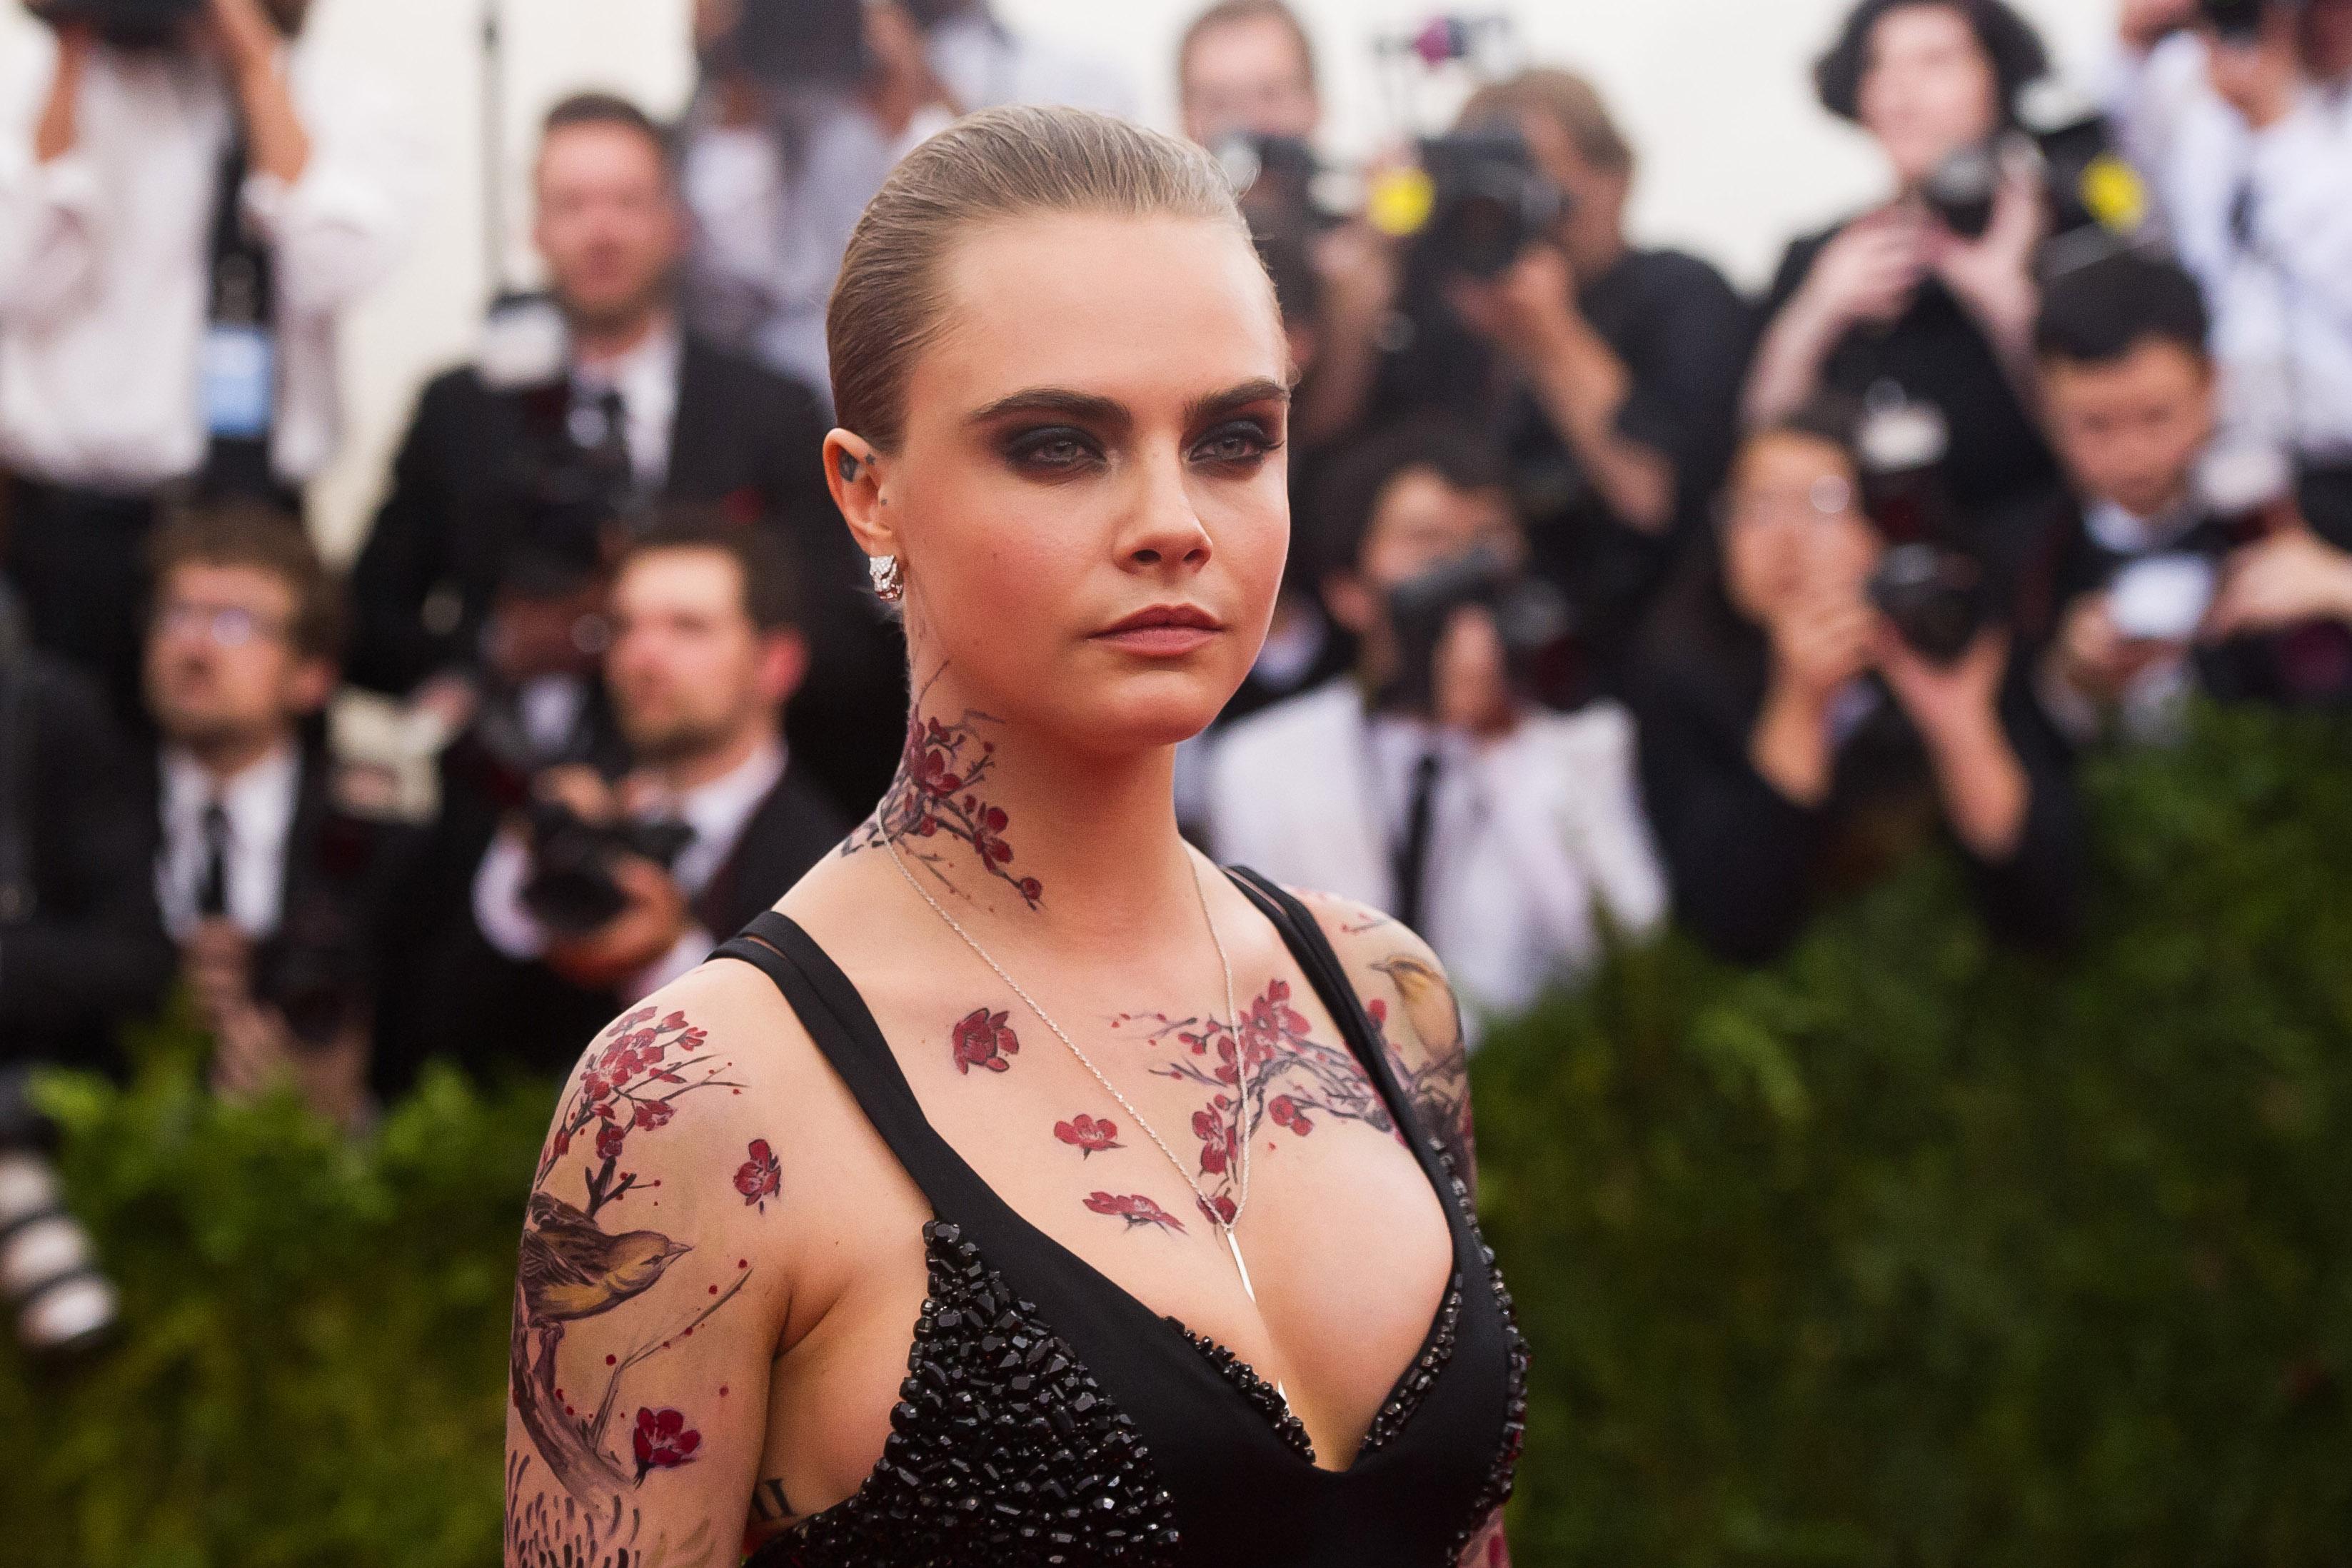 Кара Делевинь сделала временные татуировки в китайском стиле